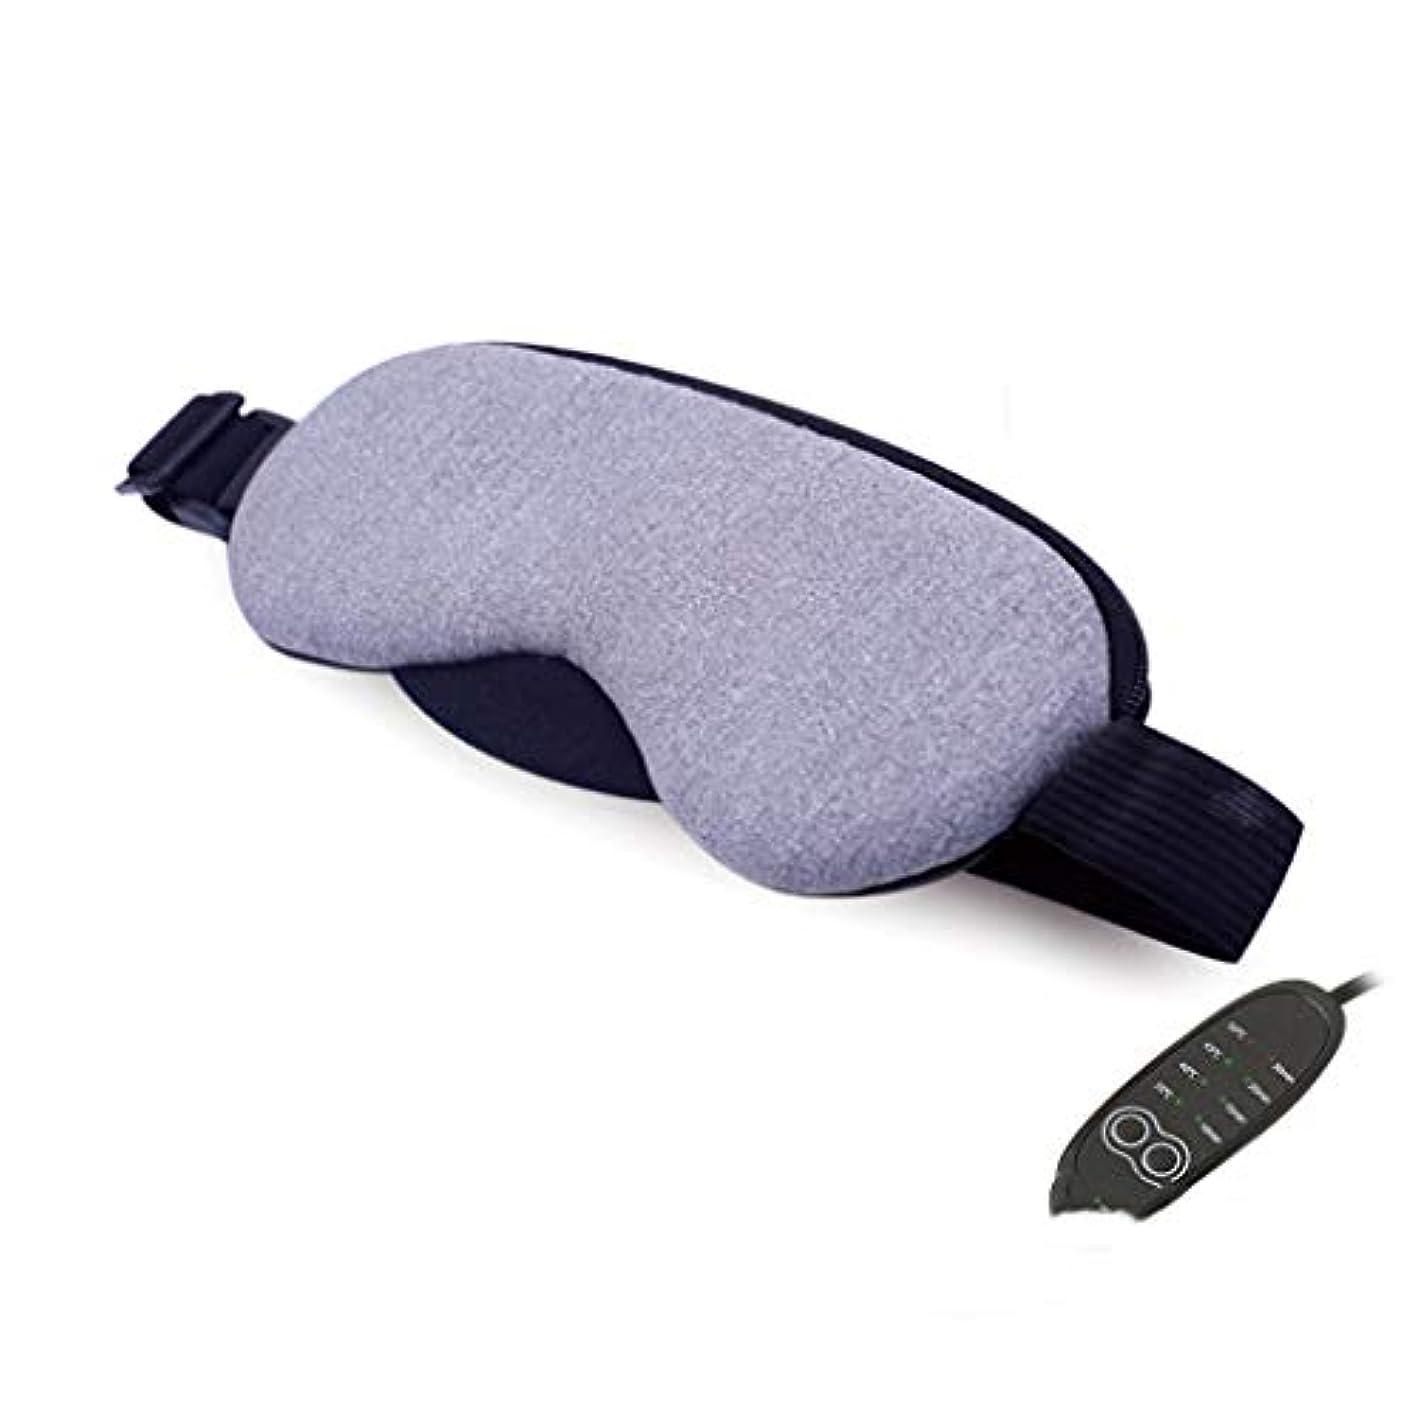 ファウルサイドボードステップ加熱アイマッサージ - コットンアイマスク、暖かい夜のマッサージマスク、電気USB暖房パッド、調節可能な温度調節、眼瞼炎を和らげるように設計された、乾燥、ストレスのある、腫れぼったい目